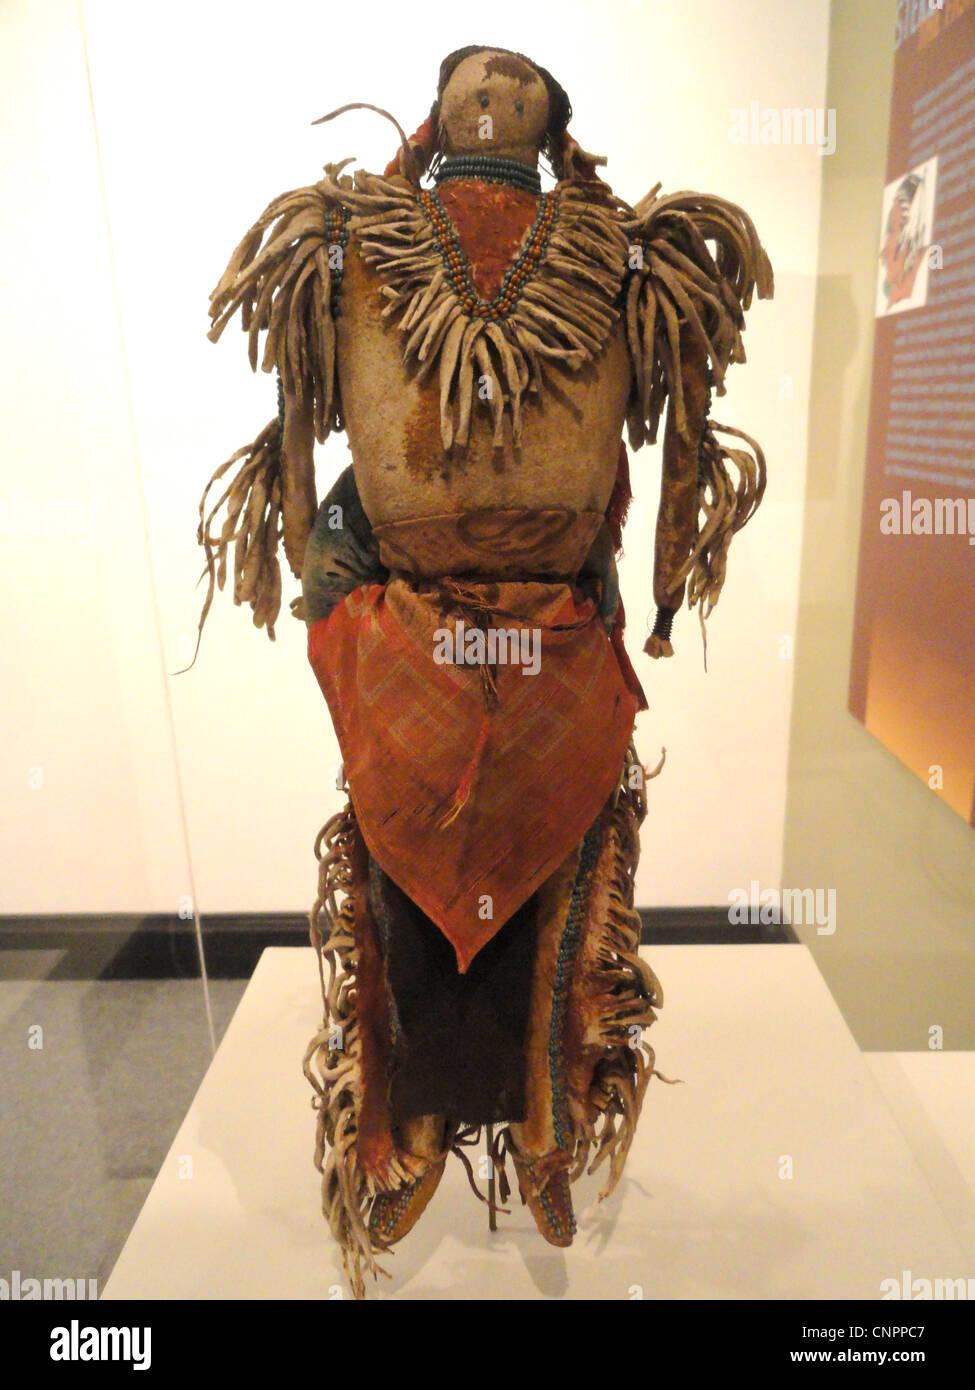 Warrior doll with symbols of lakota religion native american warrior doll with symbols of lakota religion native american collection peabody museum harvard university buycottarizona Images